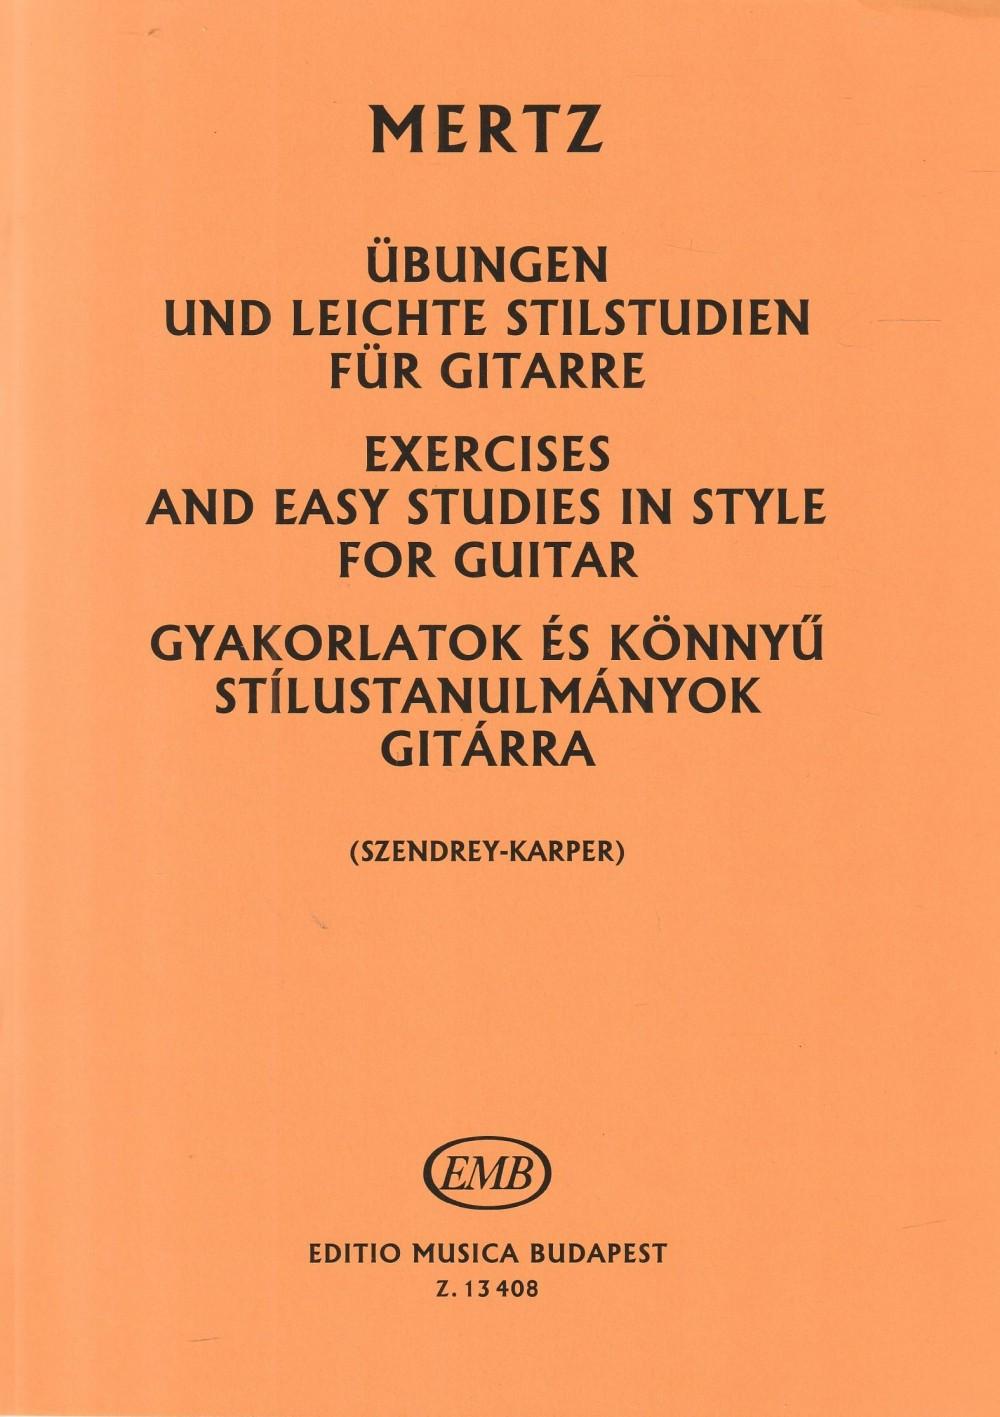 Gyakorlatok és könnyű stílustanulmányok gitárra